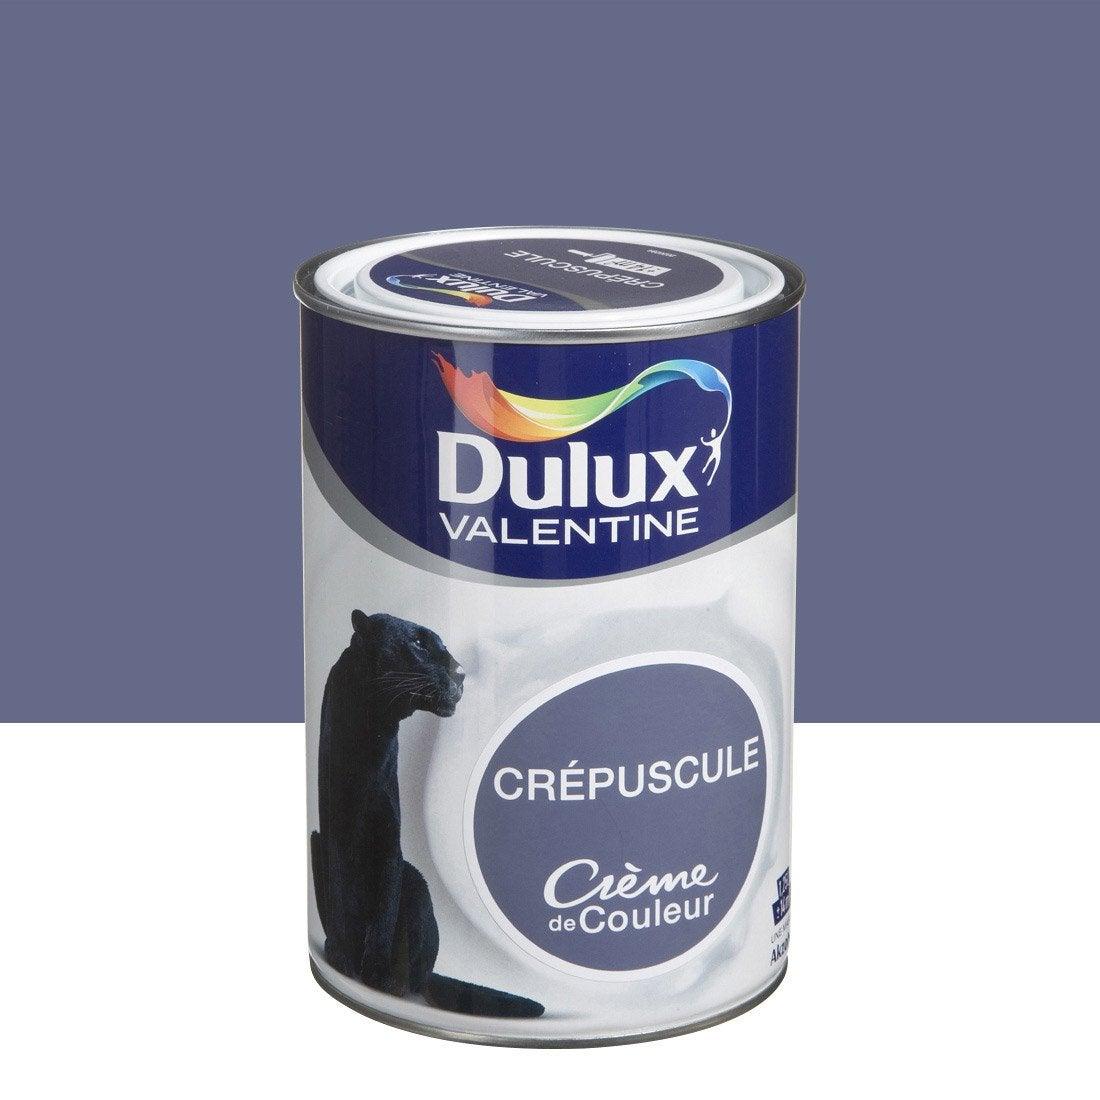 Peinture bleu cr puscule dulux valentine cr me de couleur - Peinture dulux valentine prix ...